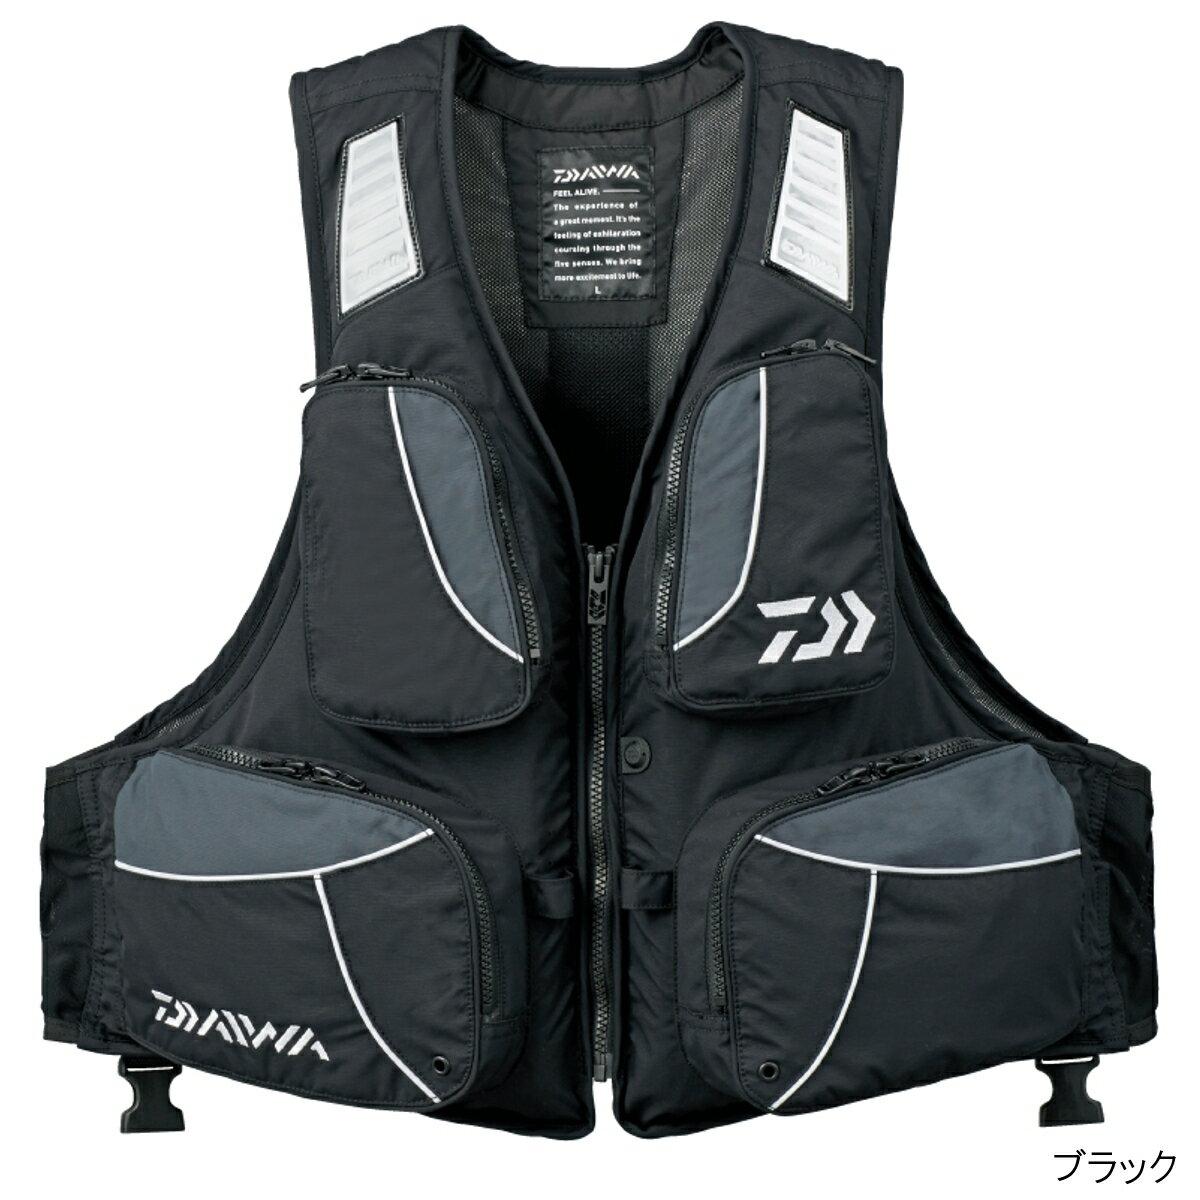 【超特価】 ダイワ ライトフロートベスト DF-6307 ブラック DF-6307 ダイワ XL ブラック, agog:99194c9d --- canoncity.azurewebsites.net